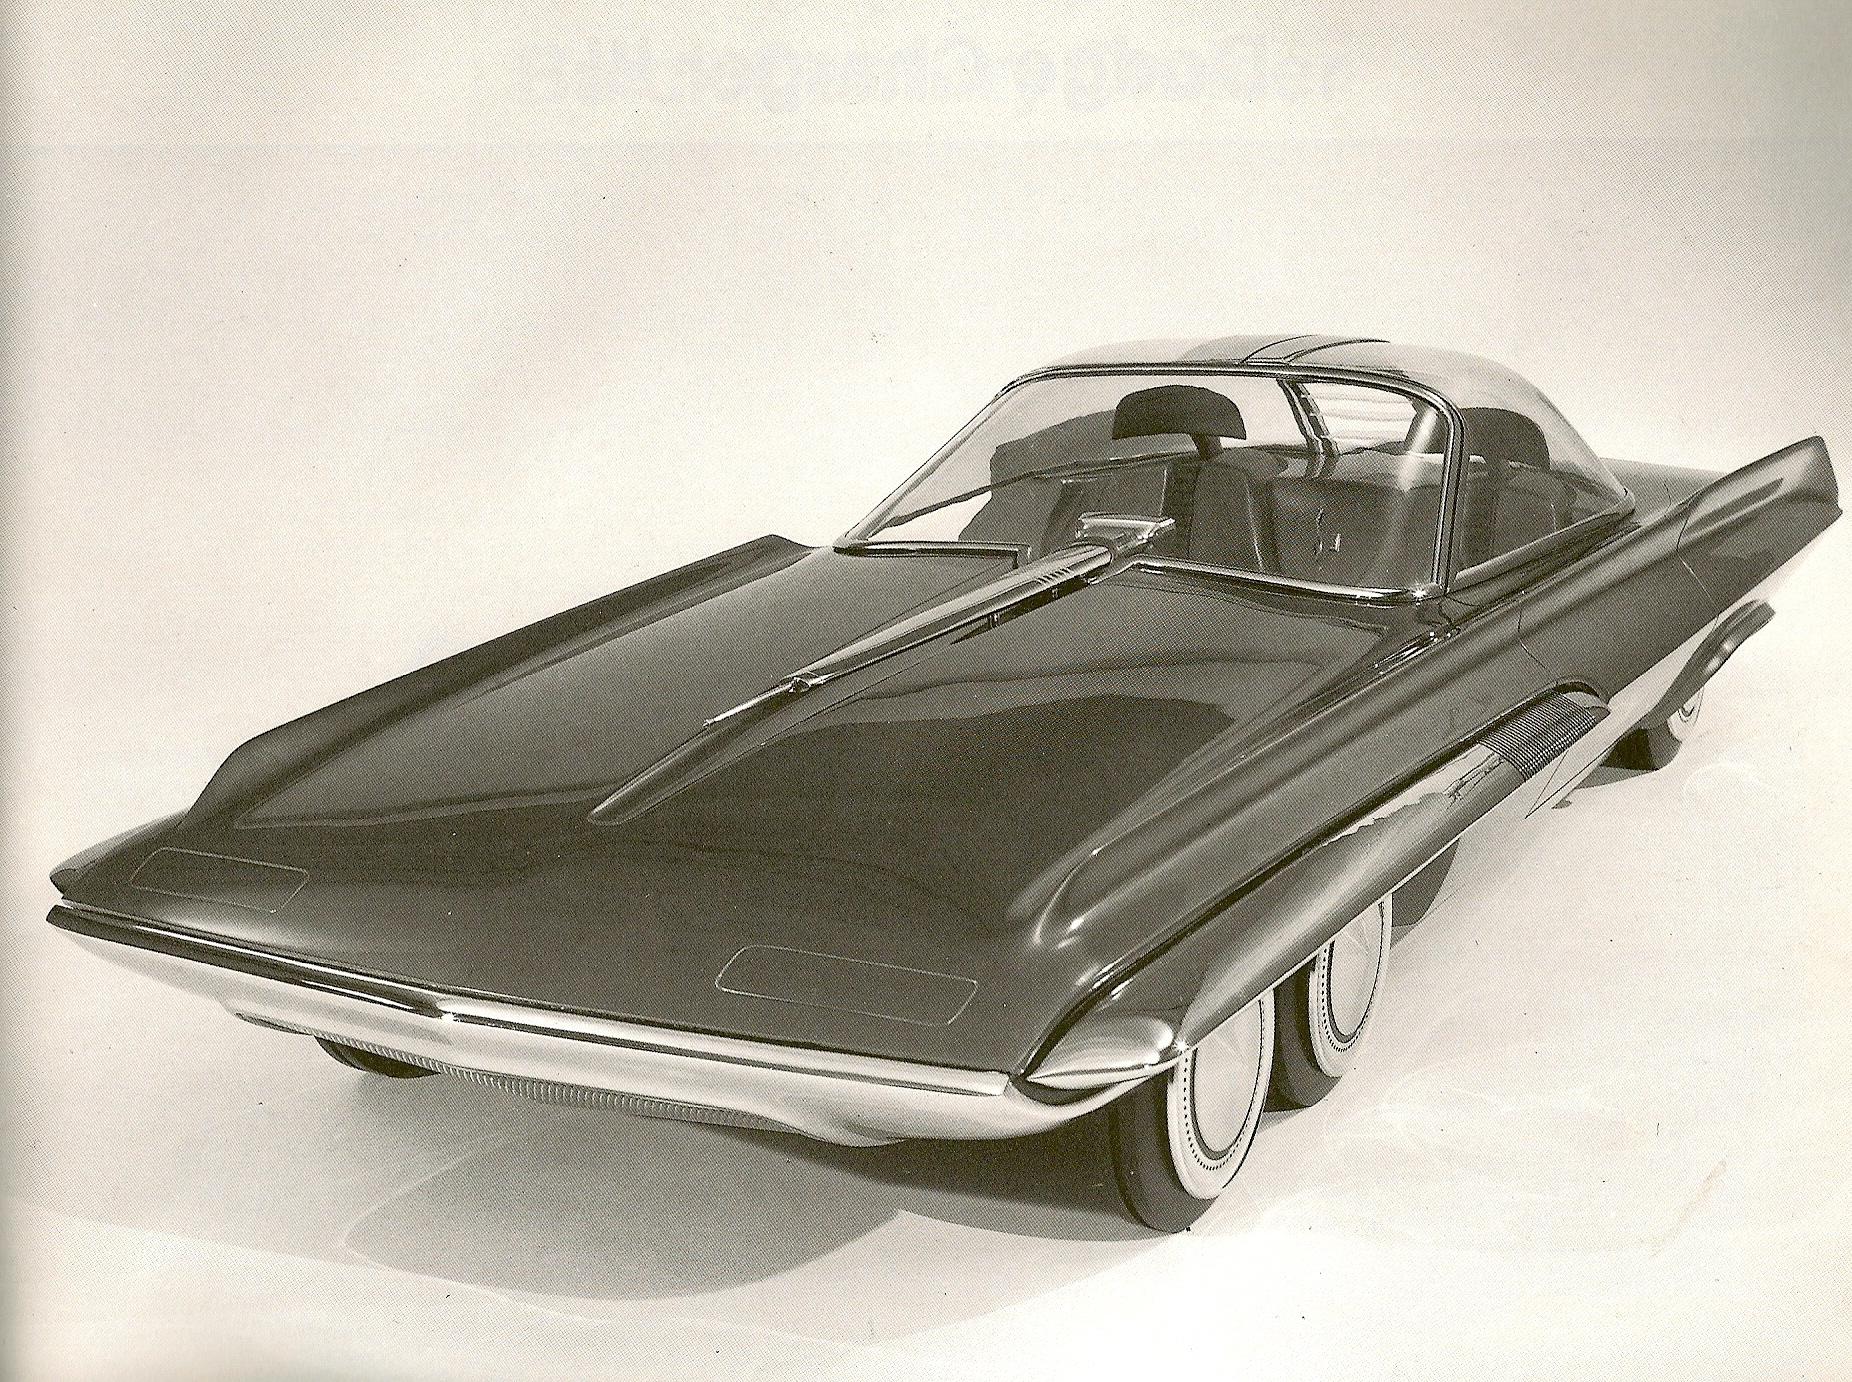 Som alle biljournalister vet: Det er alltids noen andre som har vært først. Her er konseptbilen Ford Seattle-ite XXI fra1962 med fire framhjul og to bakhjul.